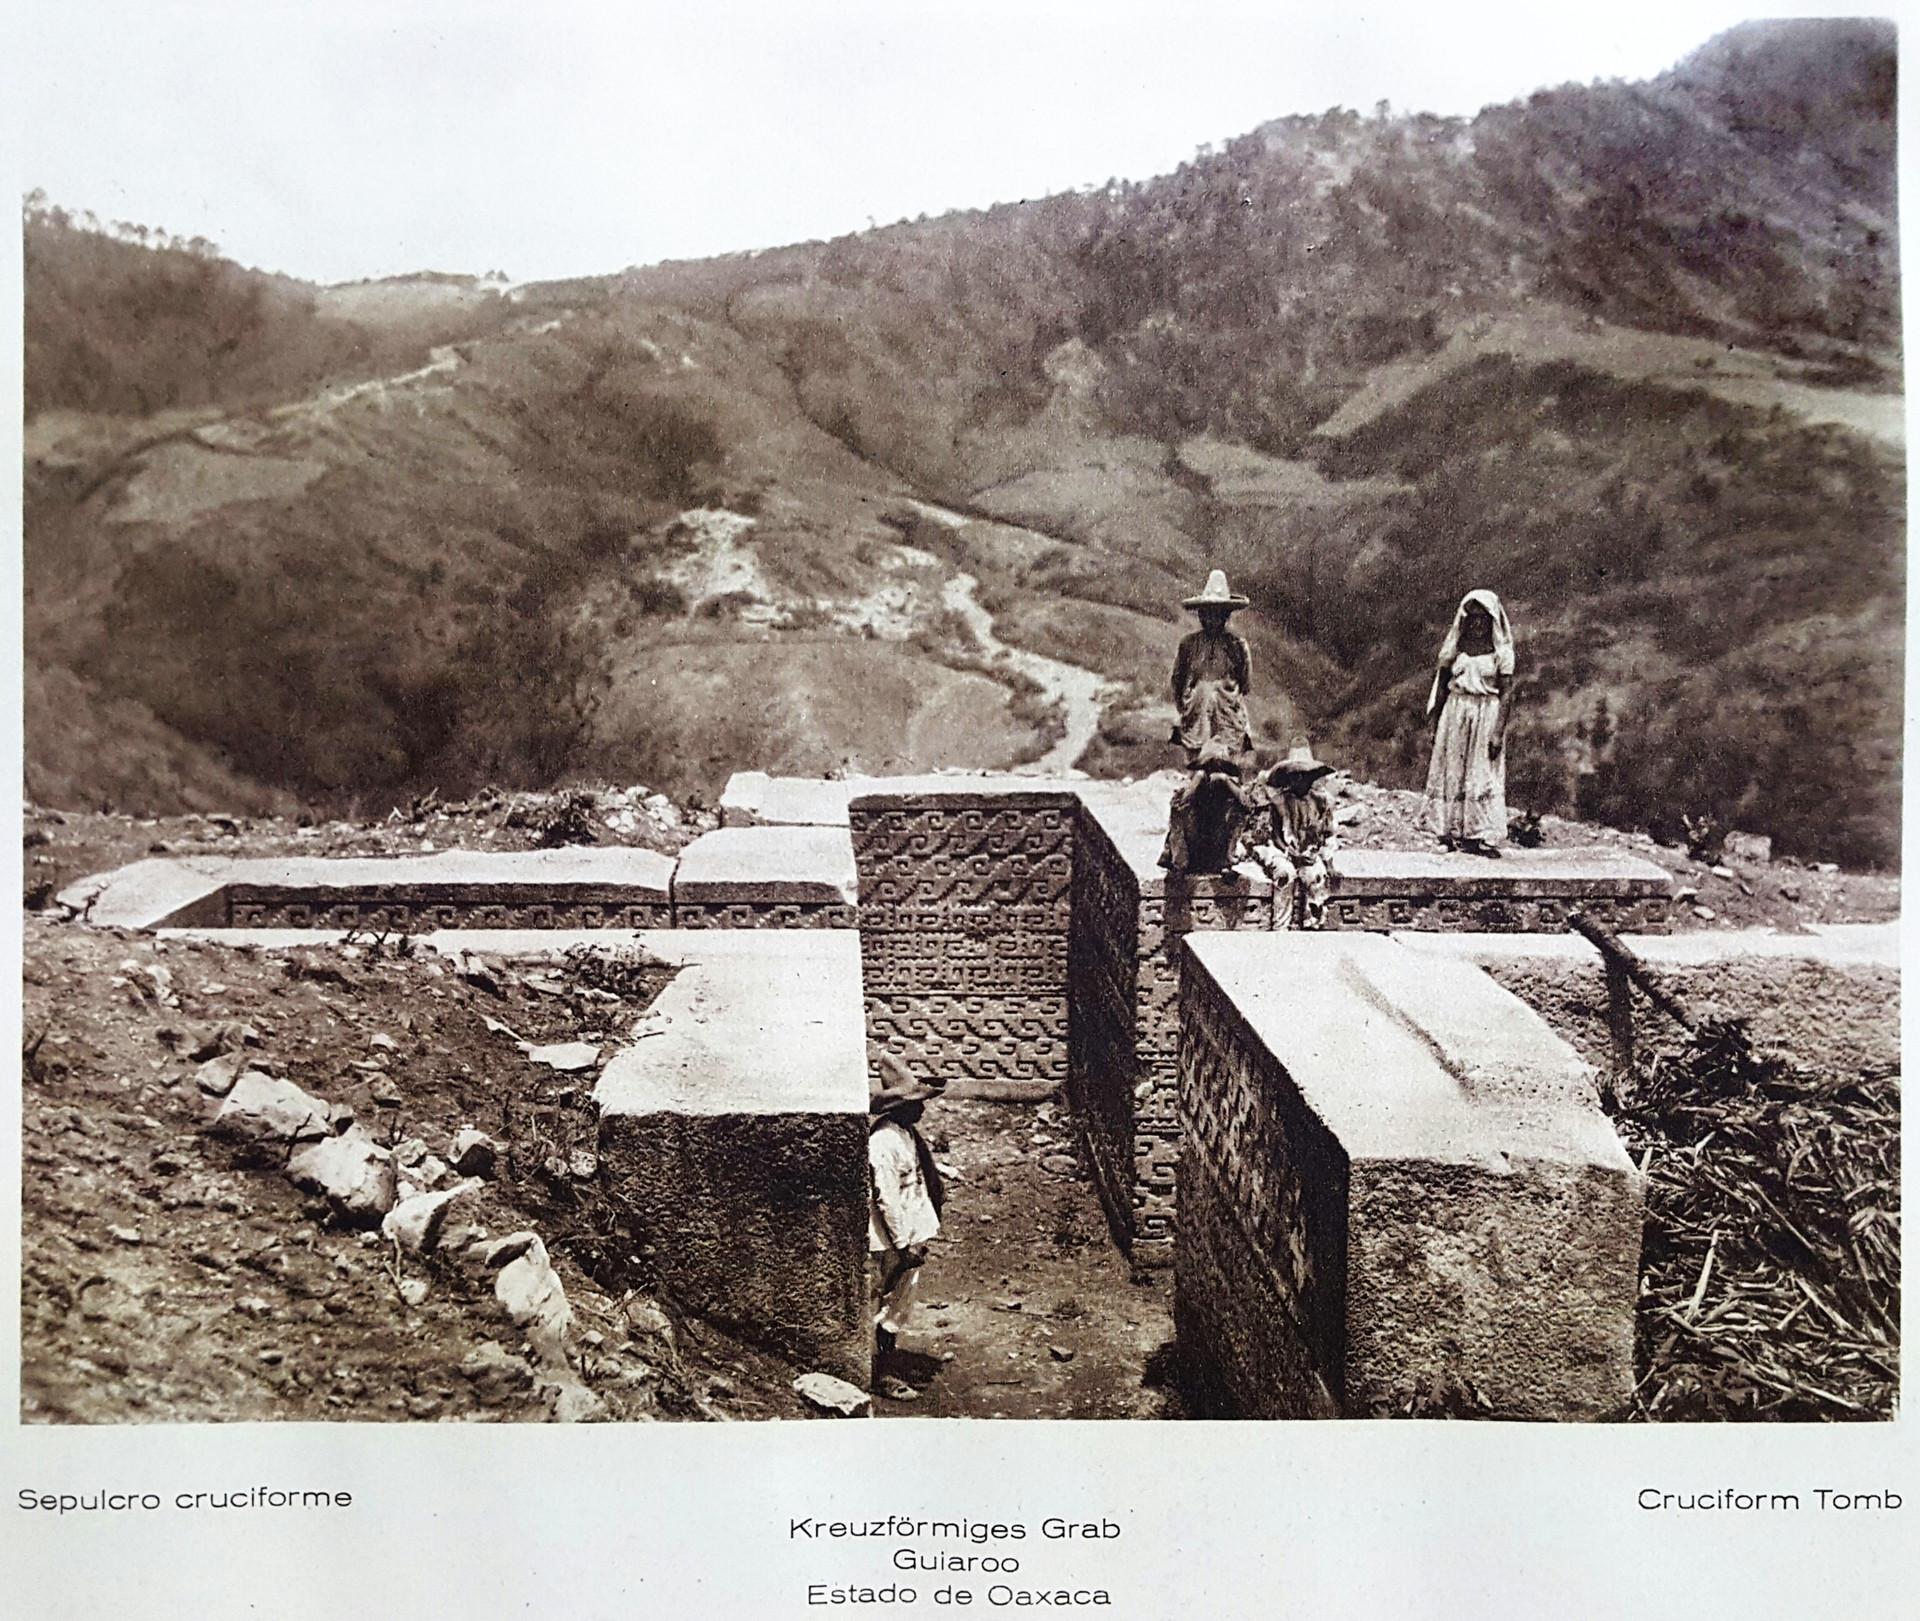 ludovic-celle-20180319-182012-1-mexico-pintoresco-brehme-1927-guiaroo.jpg